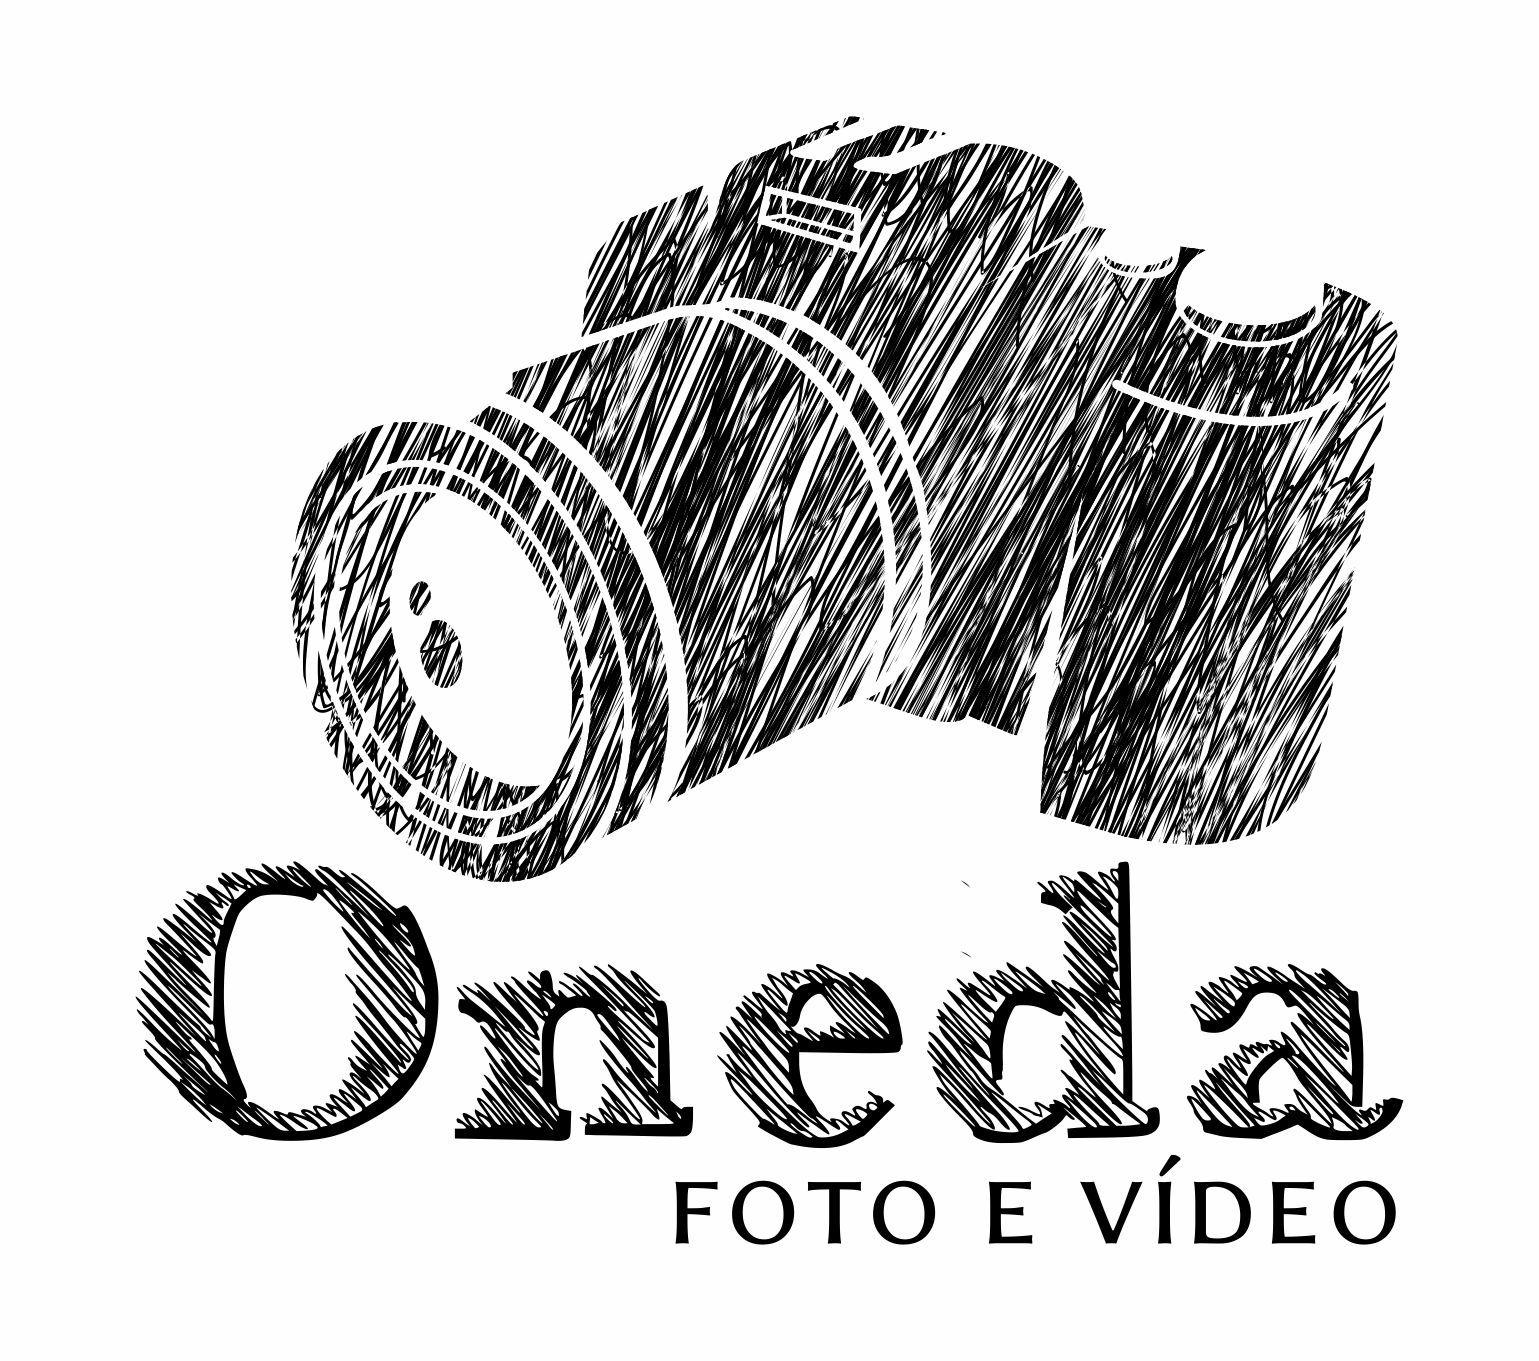 Sobre Oneda Foto e Vídeo